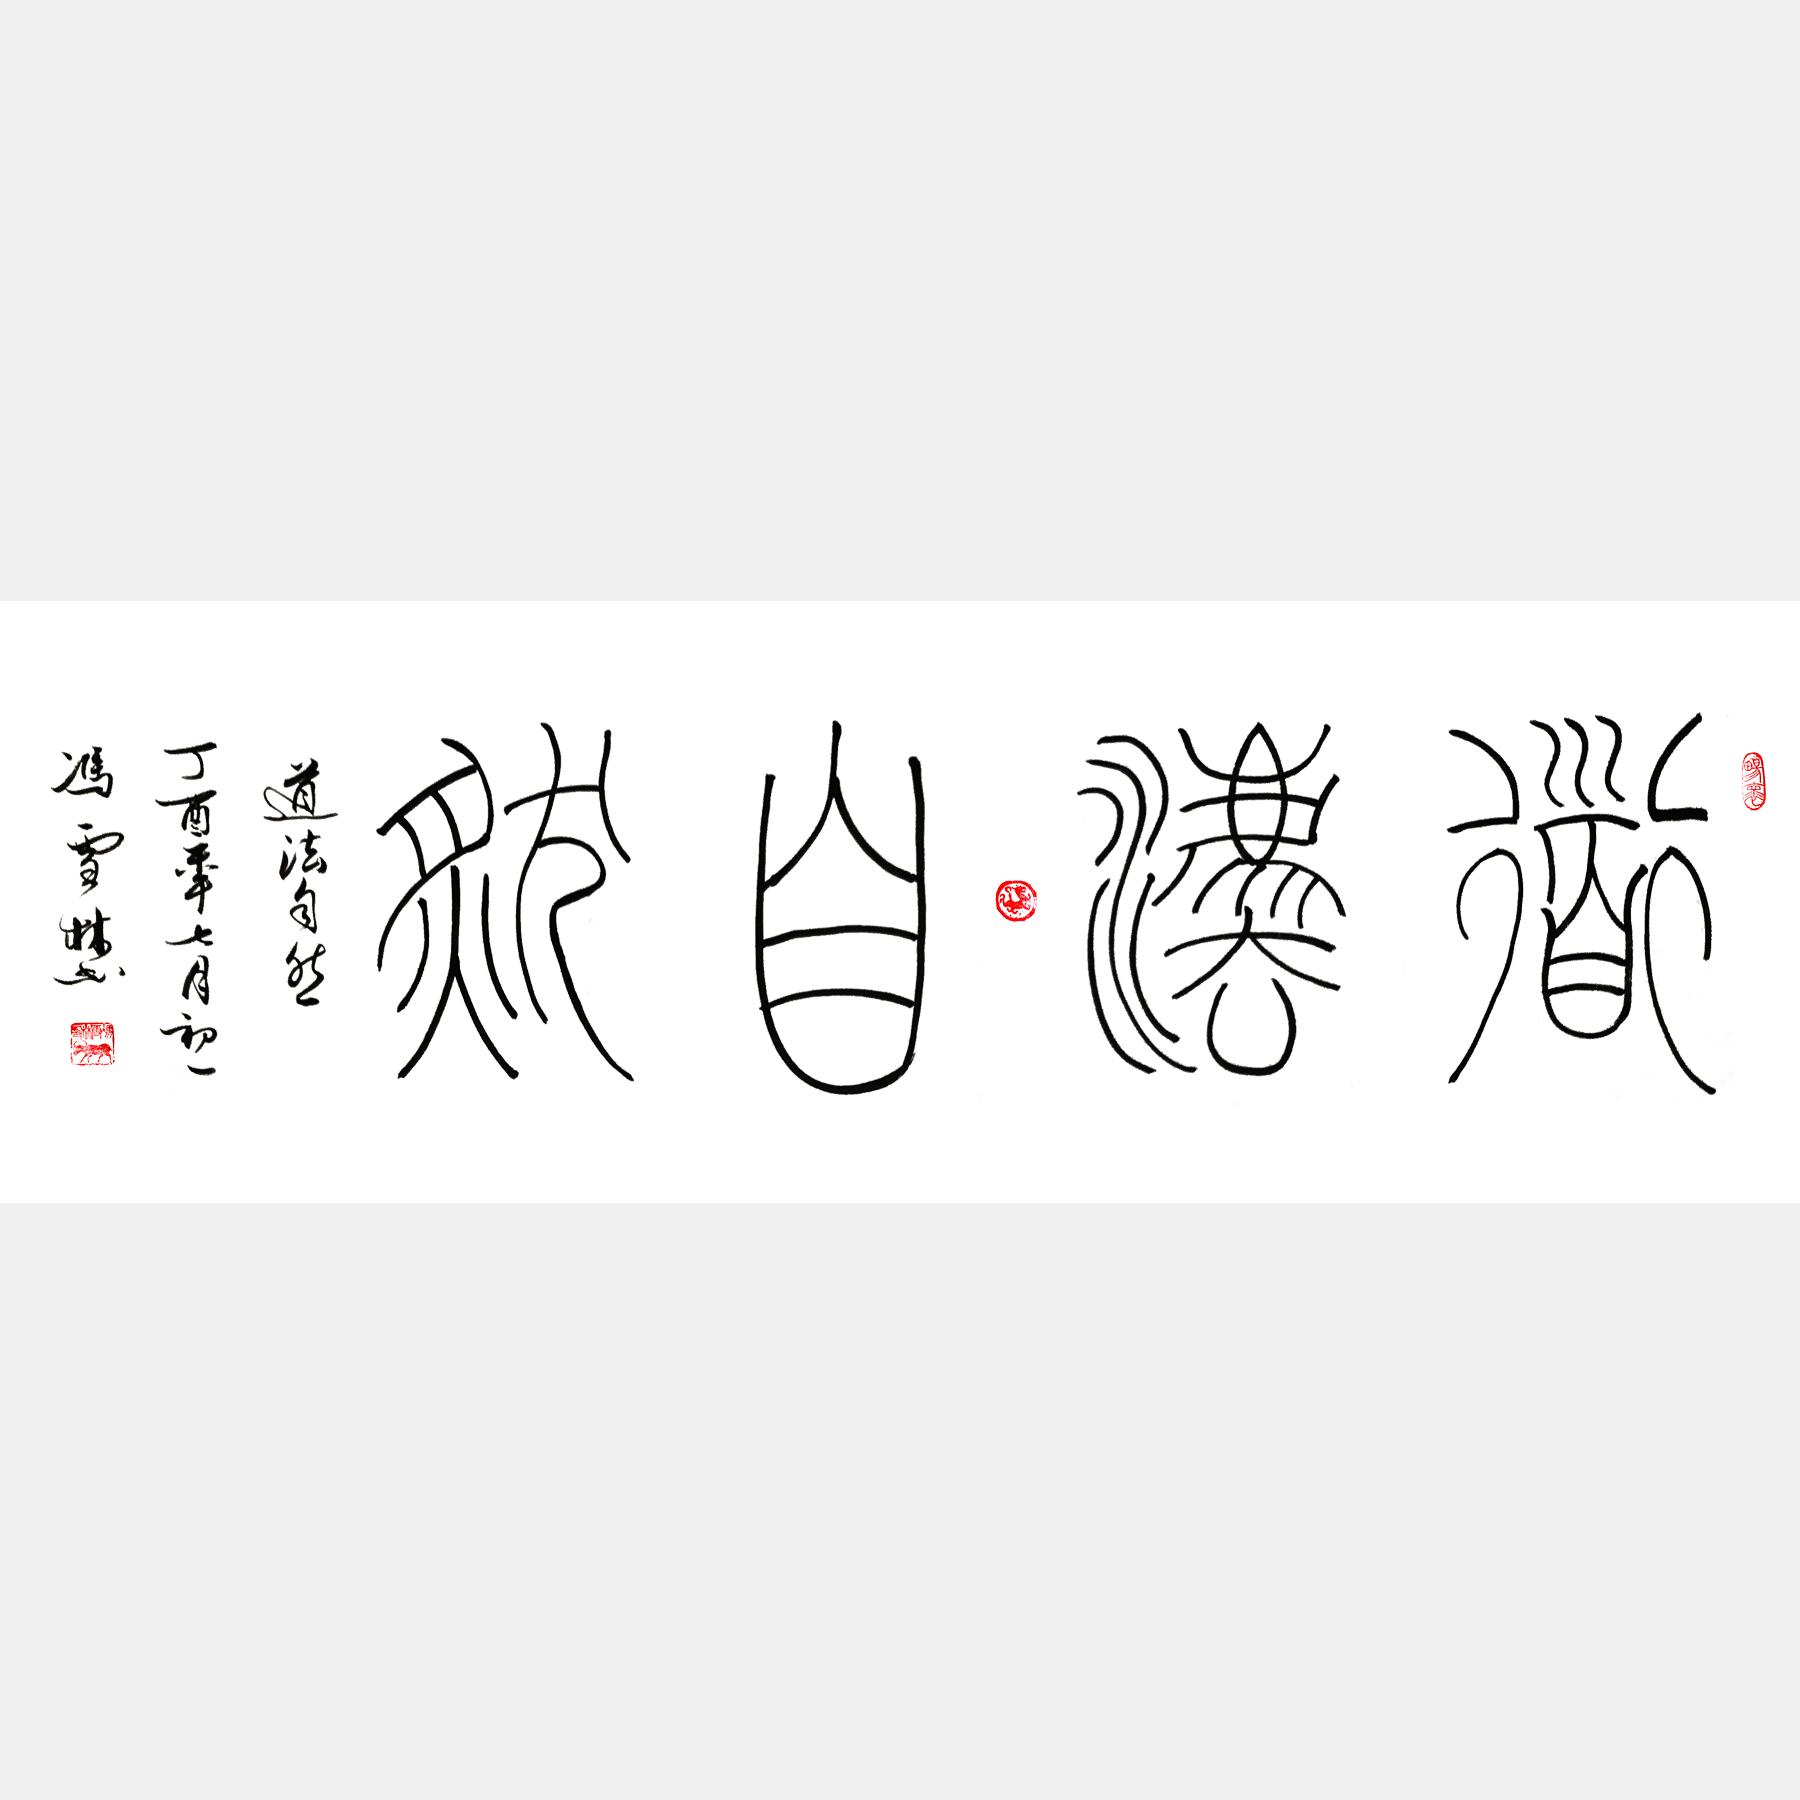 道法自然 篆书 四尺横幅